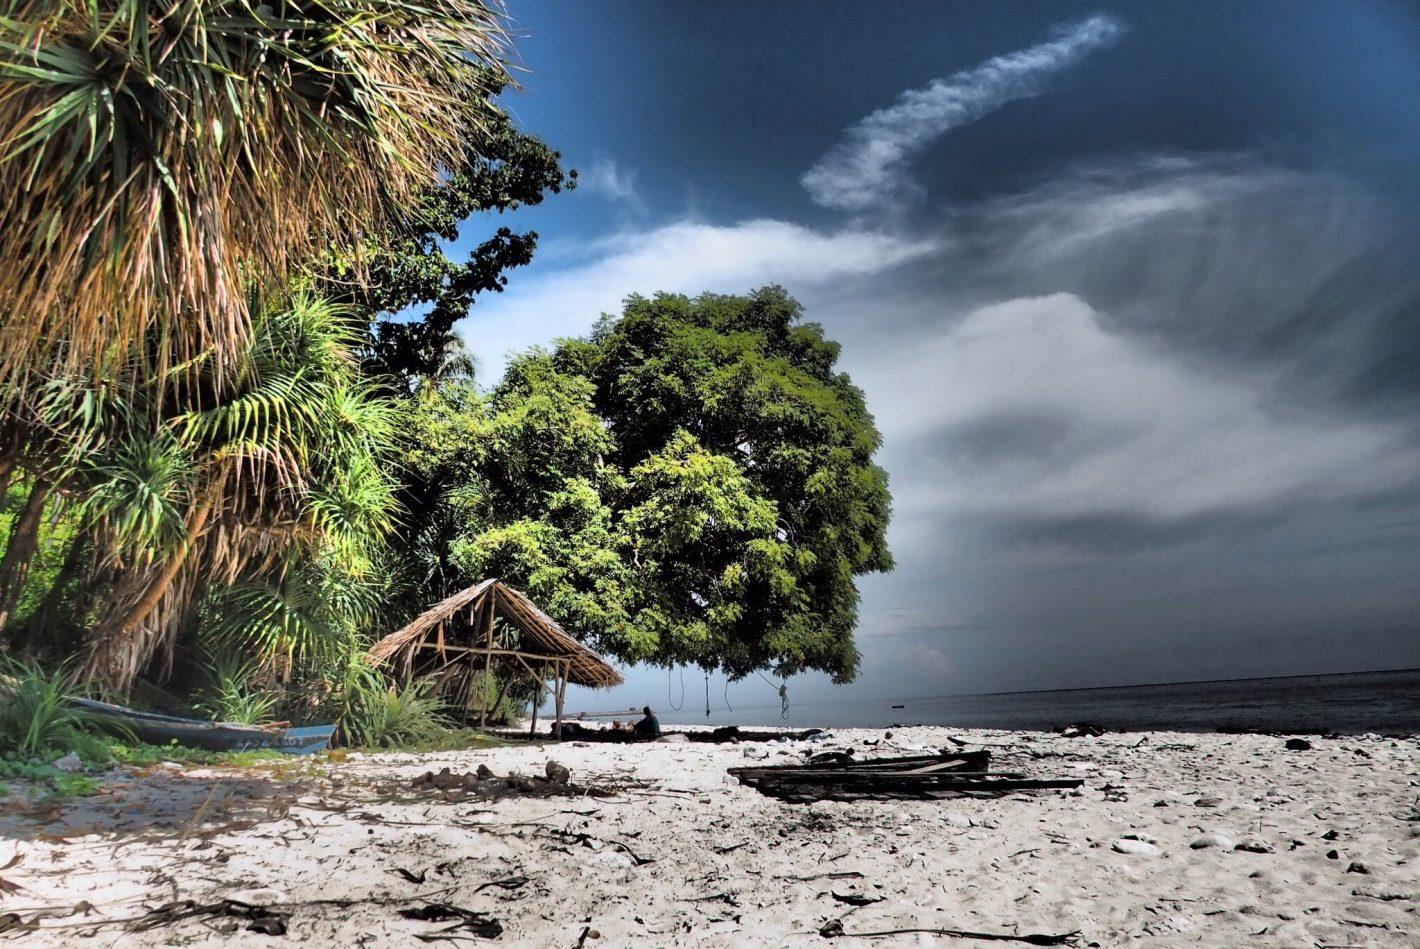 Nikon Voyages En voyage sur une petit ile au nord de Sumatra en Indonésie, Pulau Weh, petit paradis loin de monde.